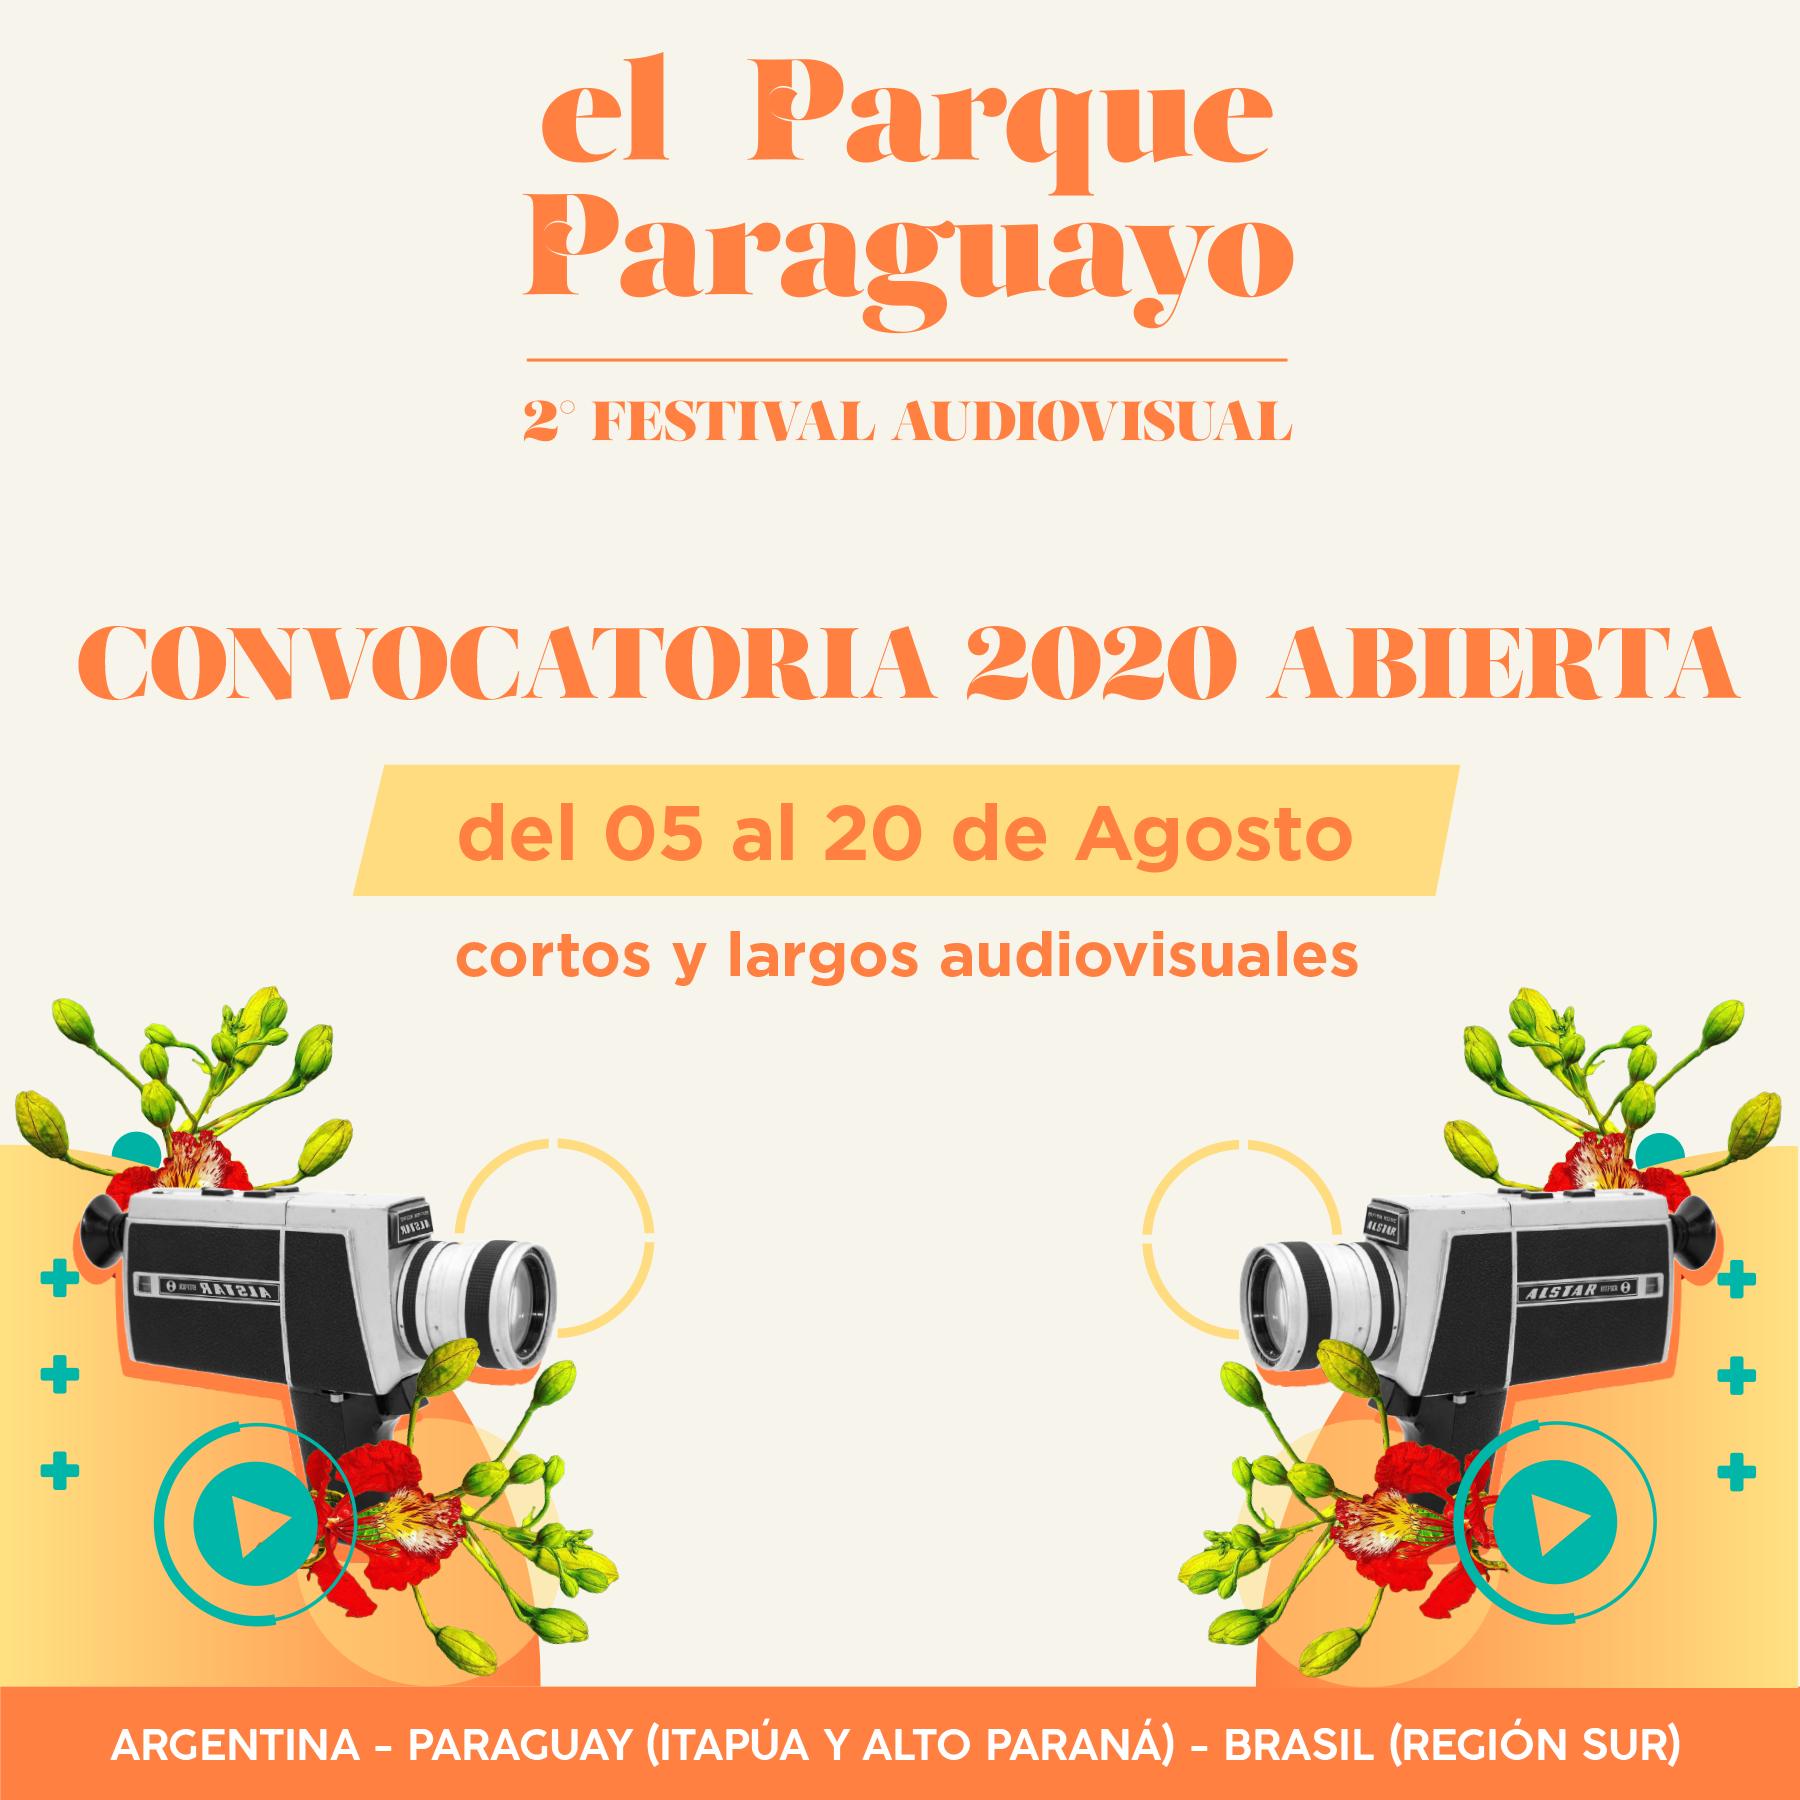 """La segunda edición del Festival Audiovisual """"El Parque Paraguayo"""" abre la convocatoria para integrar la programación"""